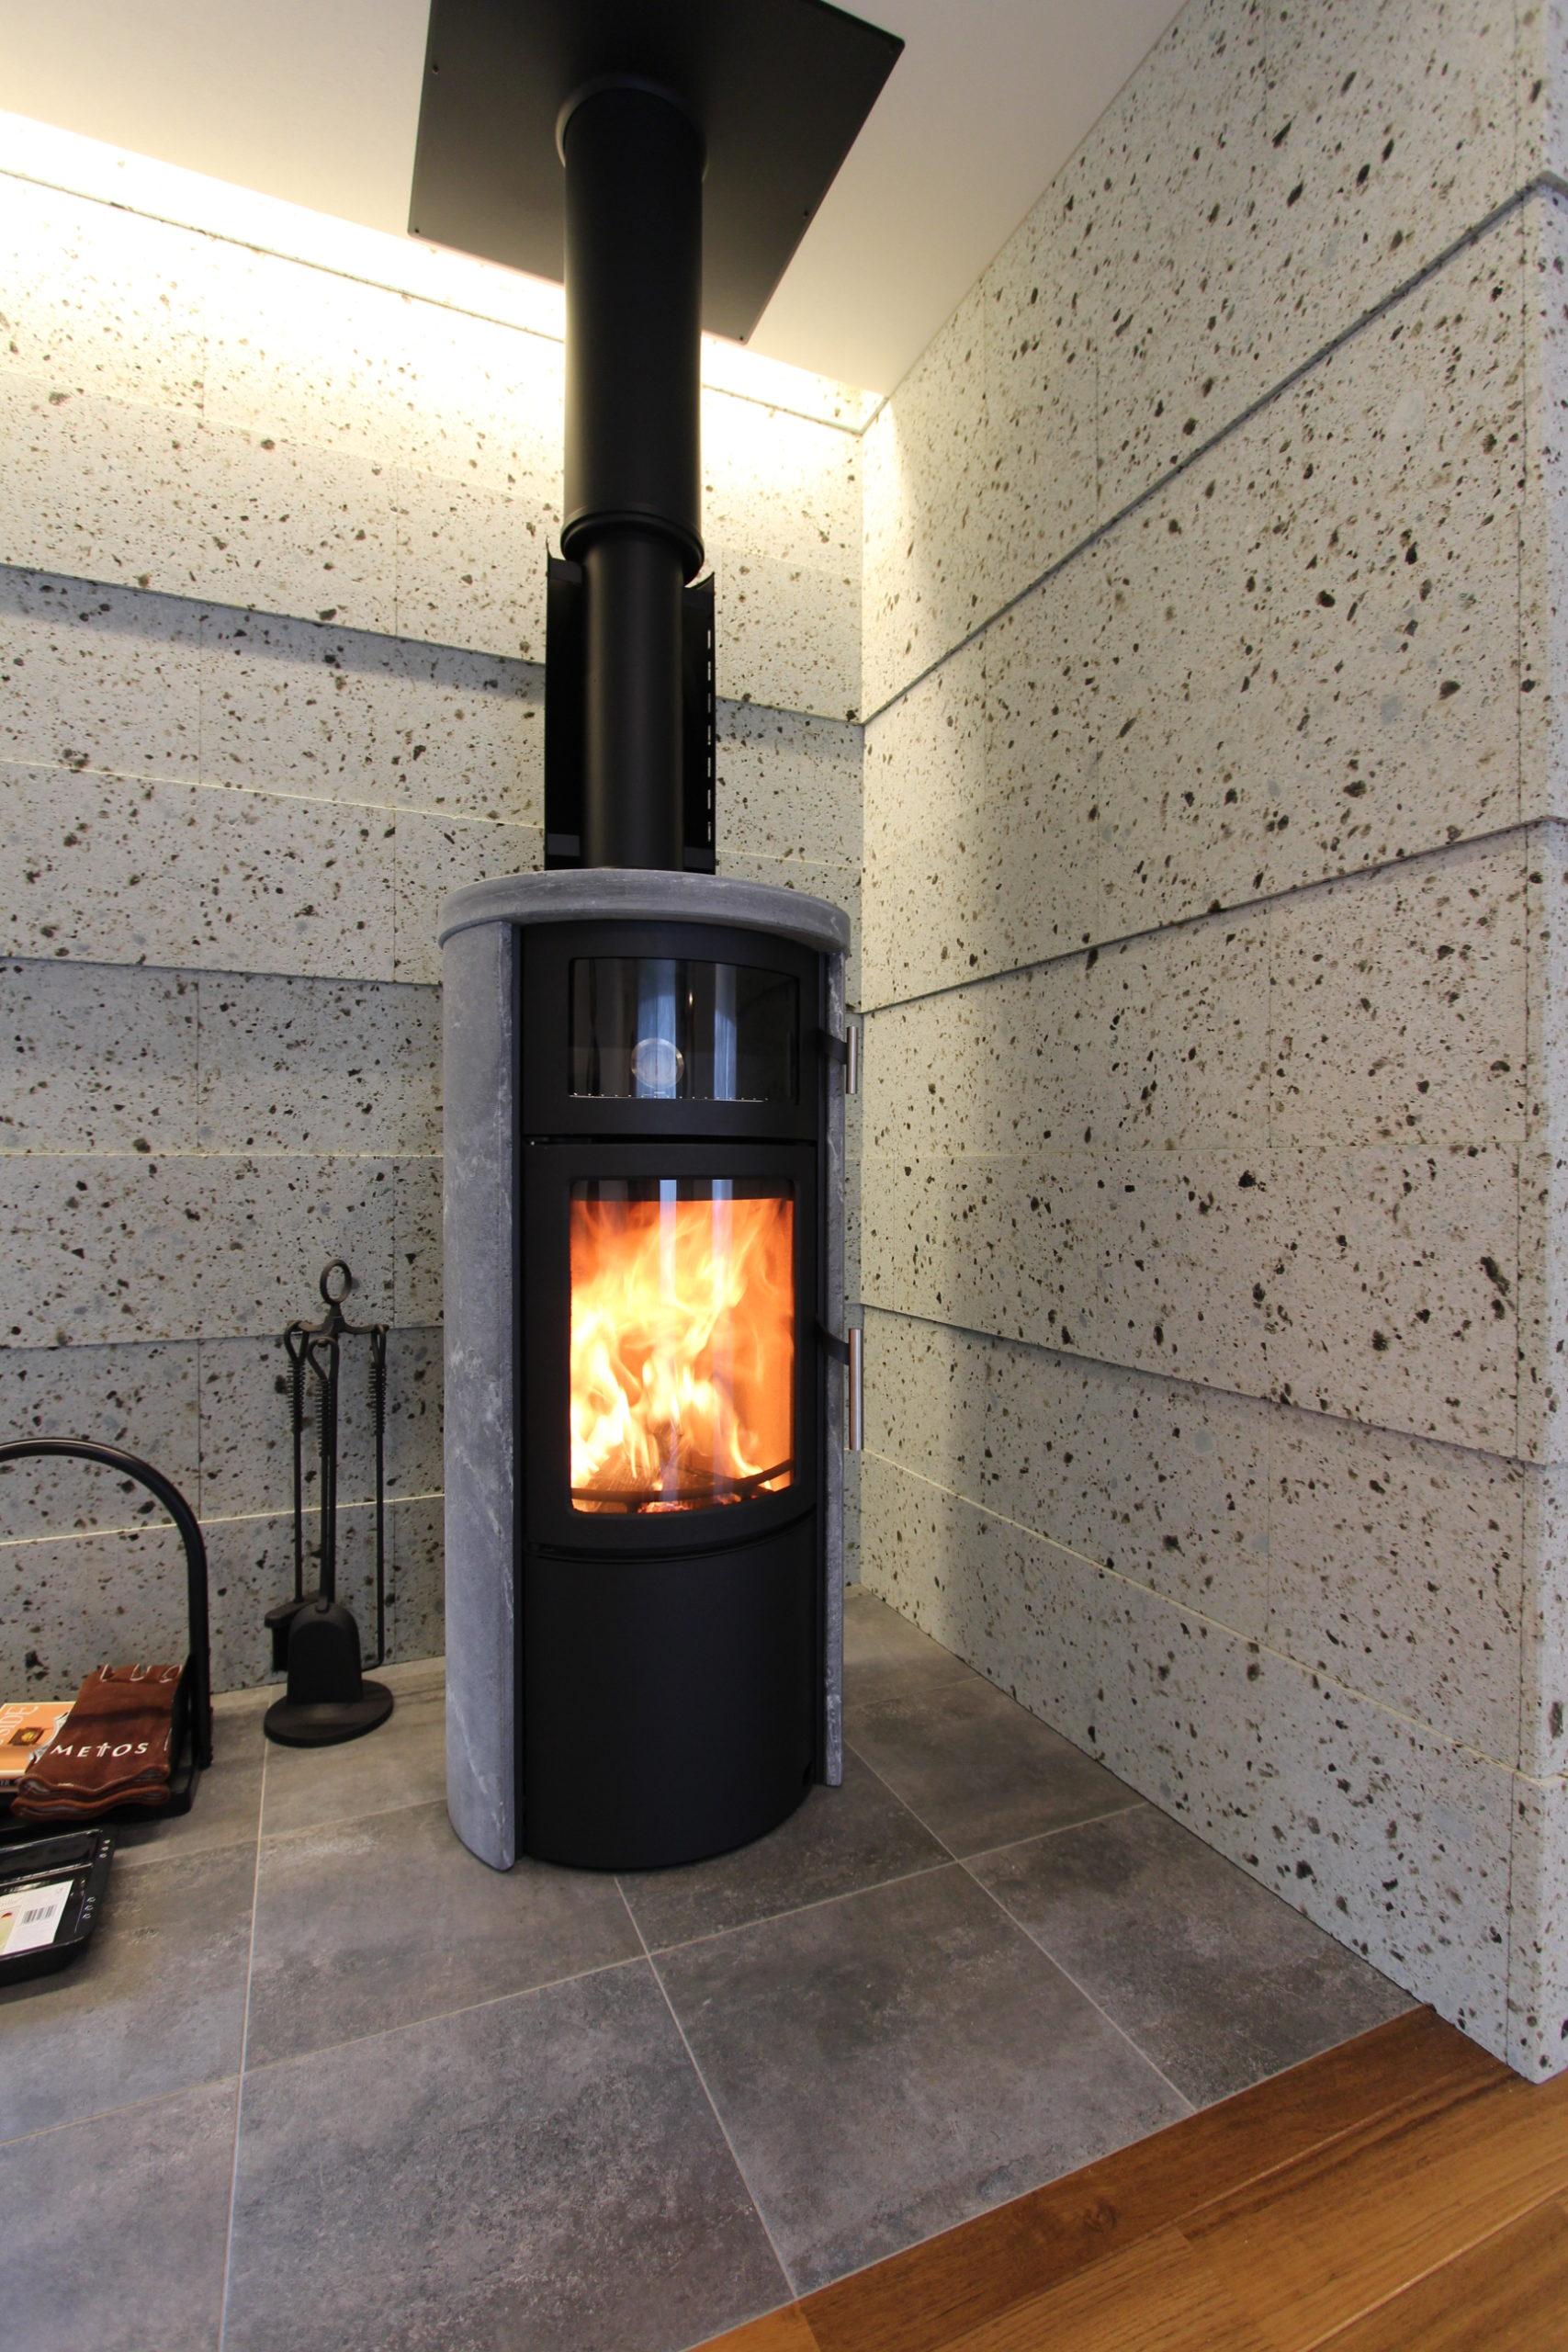 暖炉の周りに大谷石を貼りました。大谷石は耐火性にすぐれ暖炉にはとても適しています。ダウンライトをあてることにより陰影がつき高級感もでます。